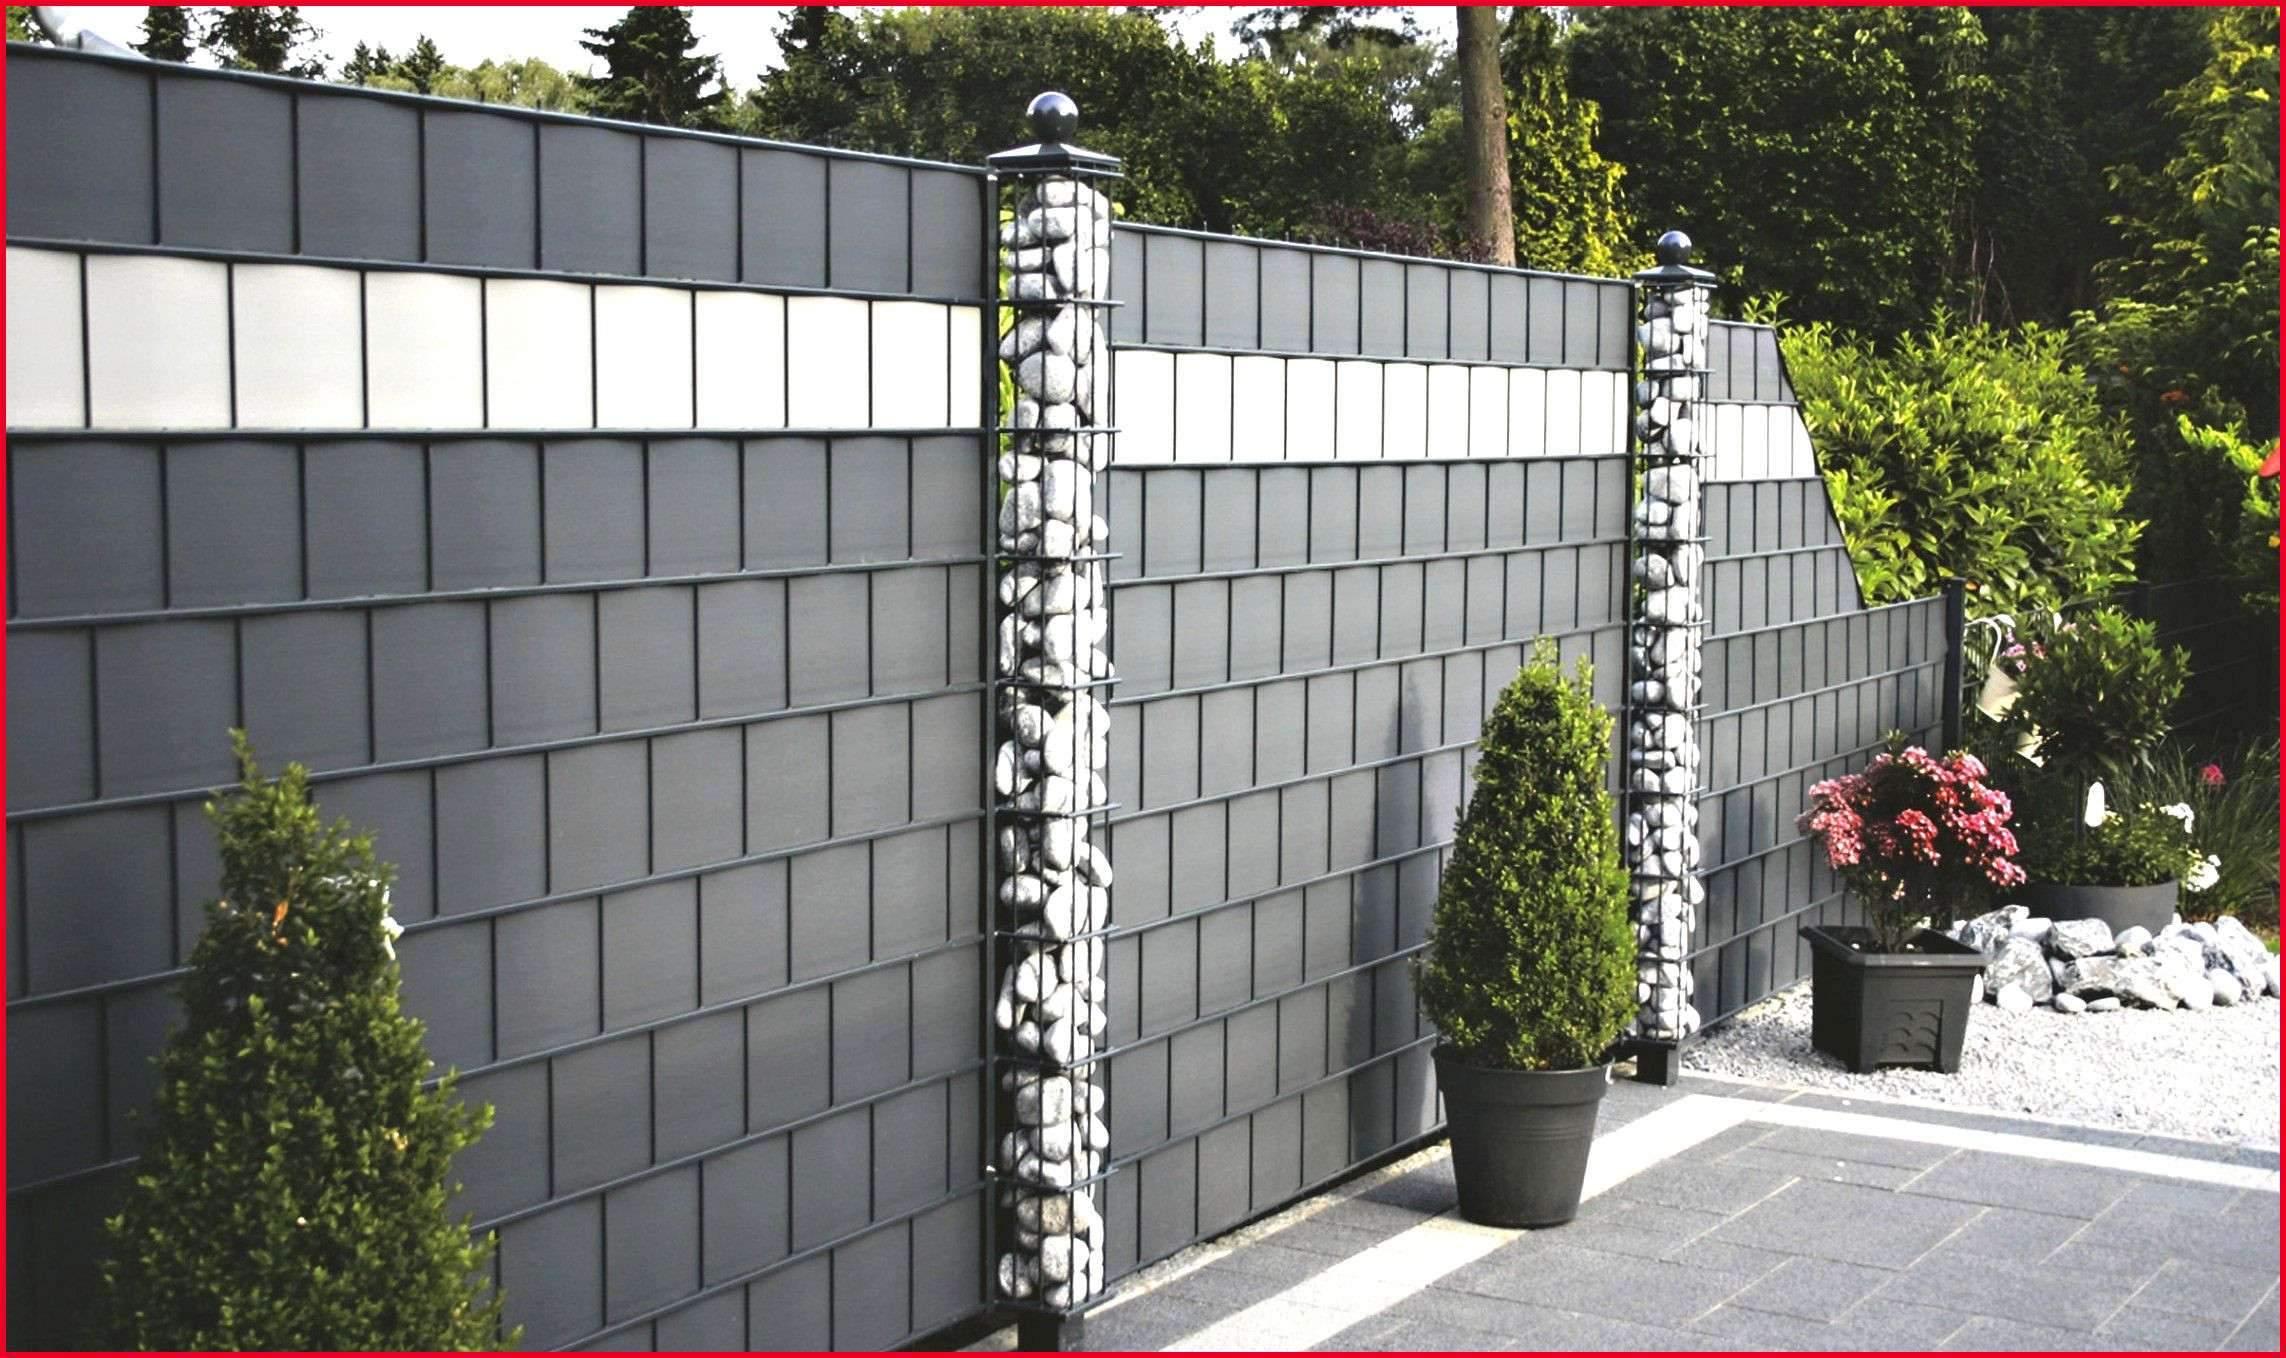 29 Einzigartig Sichtschutz Mauer Garten Reizend Garten Anlegen